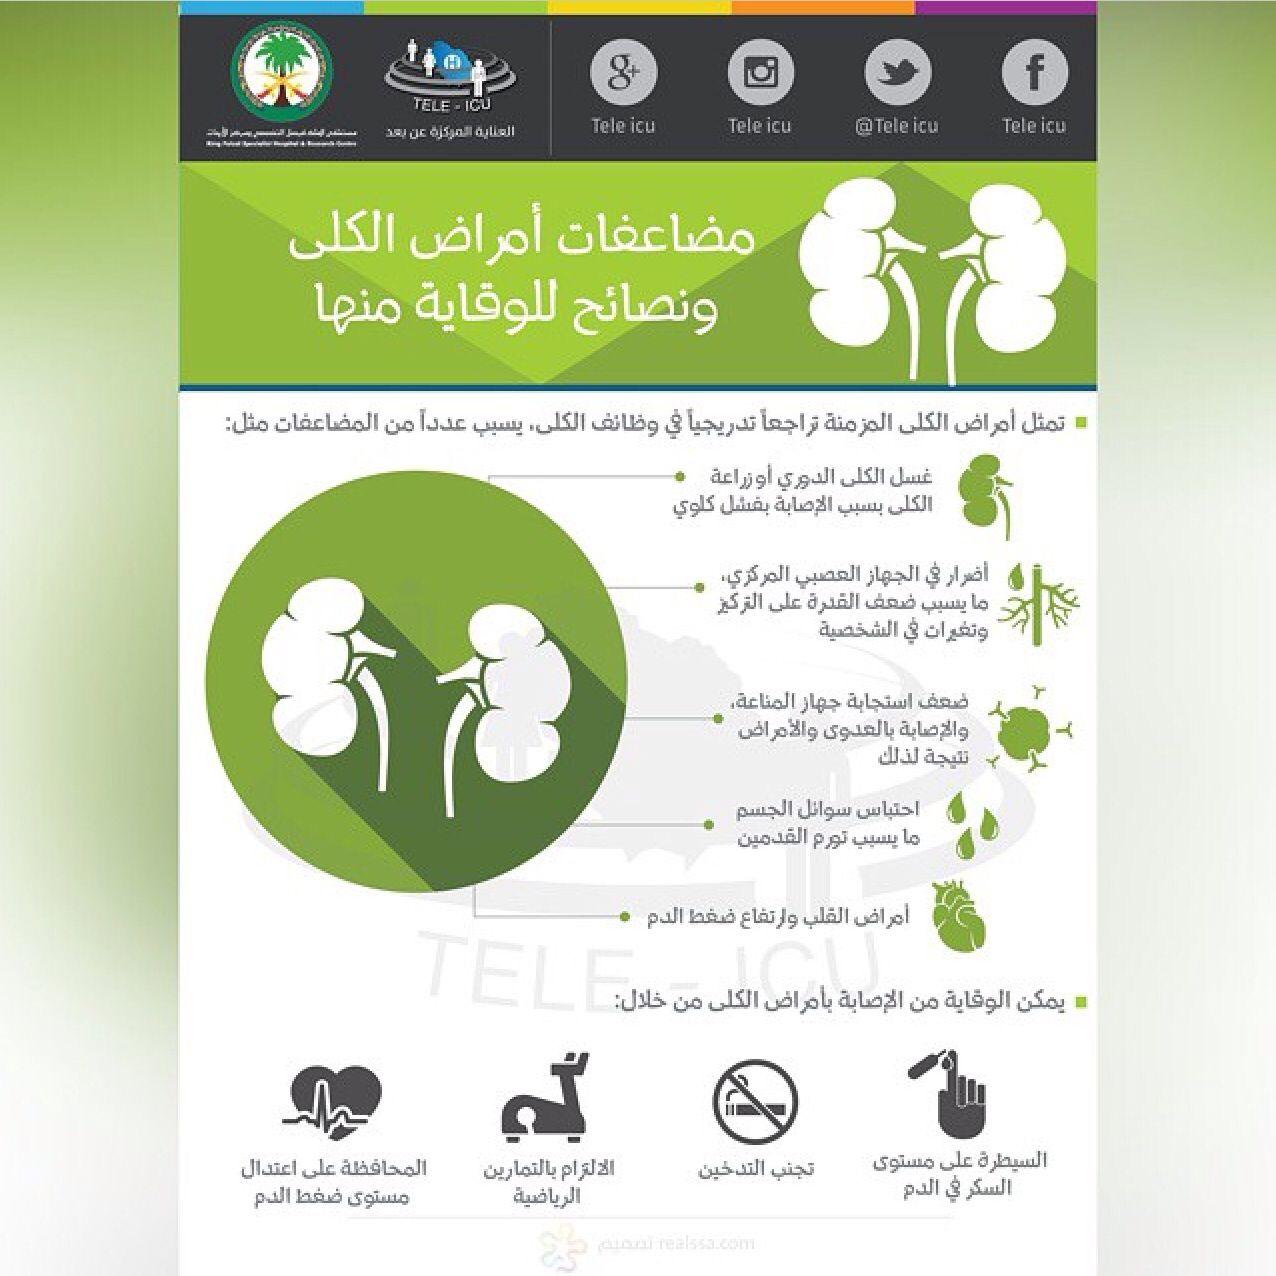 مضاعفات أمراض الكلى ونصائح للوقاية منها Info Care Health